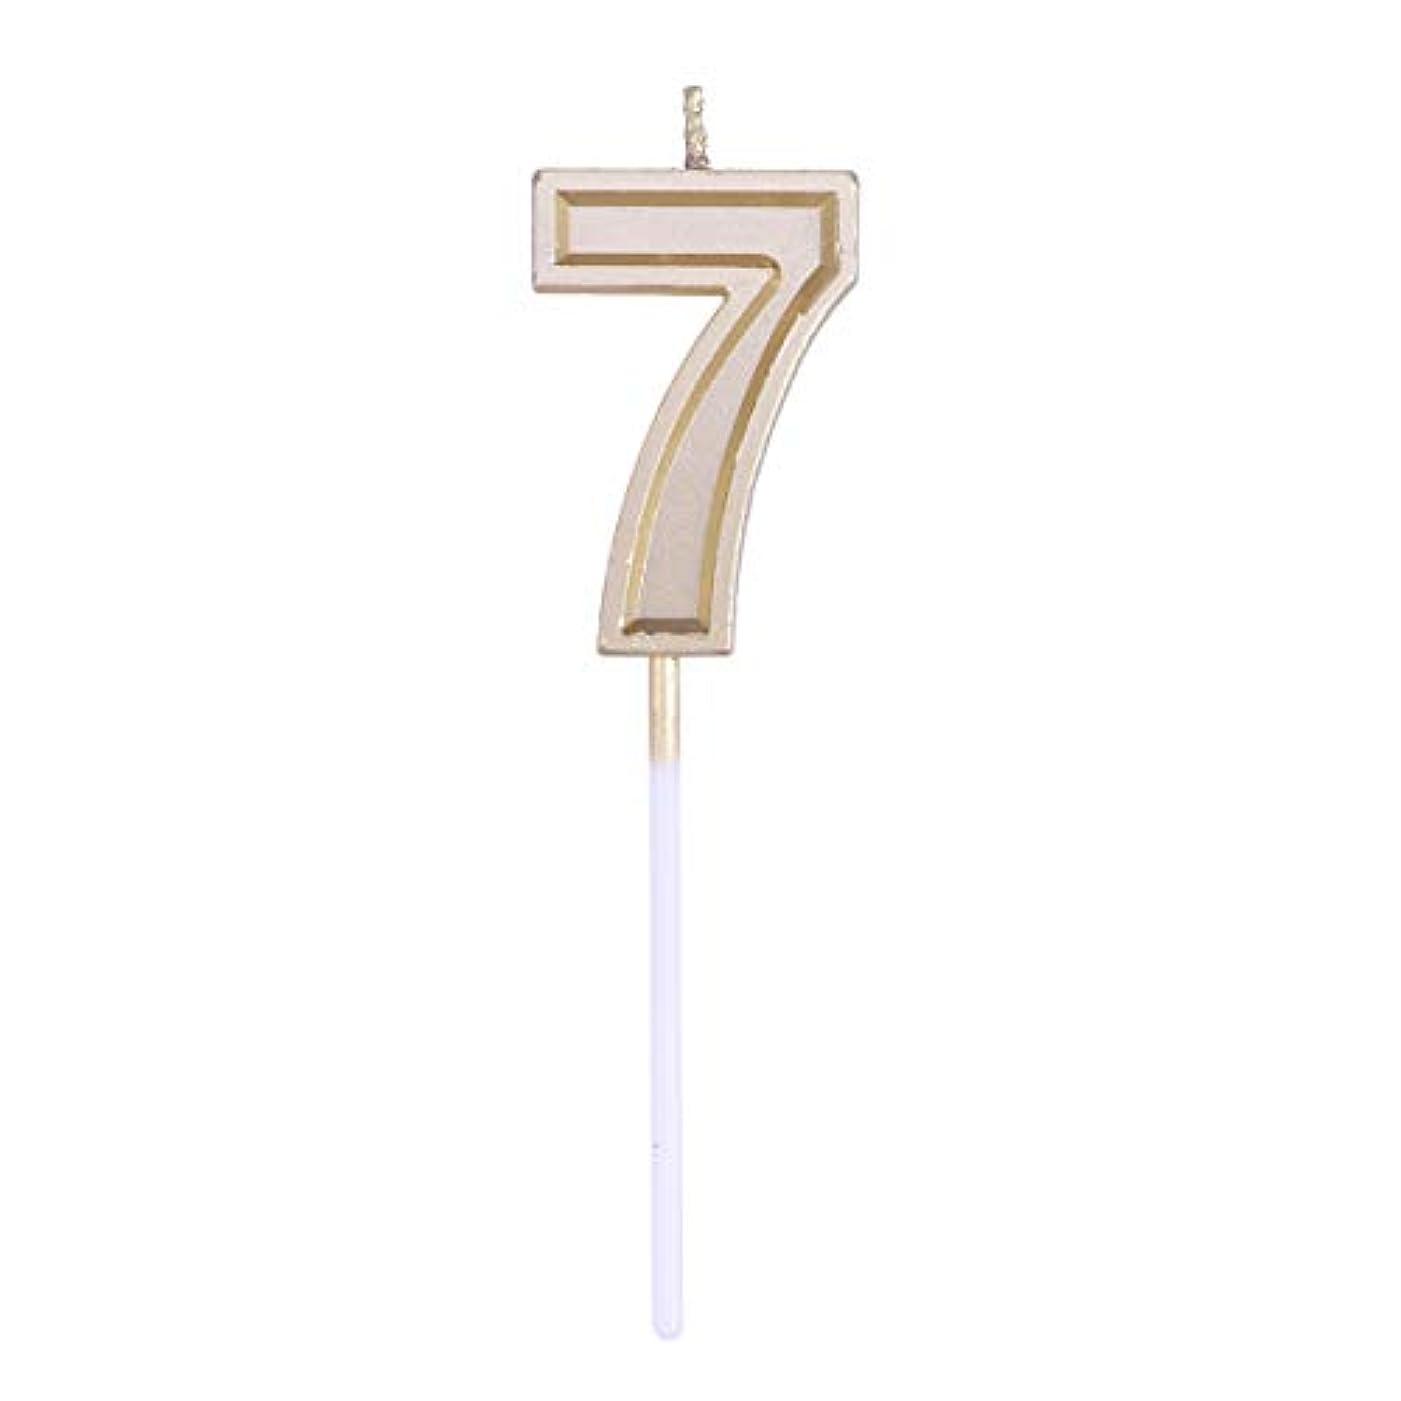 弾力性のあるマラソン解くToyvian ゴールドラメ誕生日おめでとう数字キャンドル番号キャンドルケーキトッパー装飾用大人キッズパーティー(番号7)